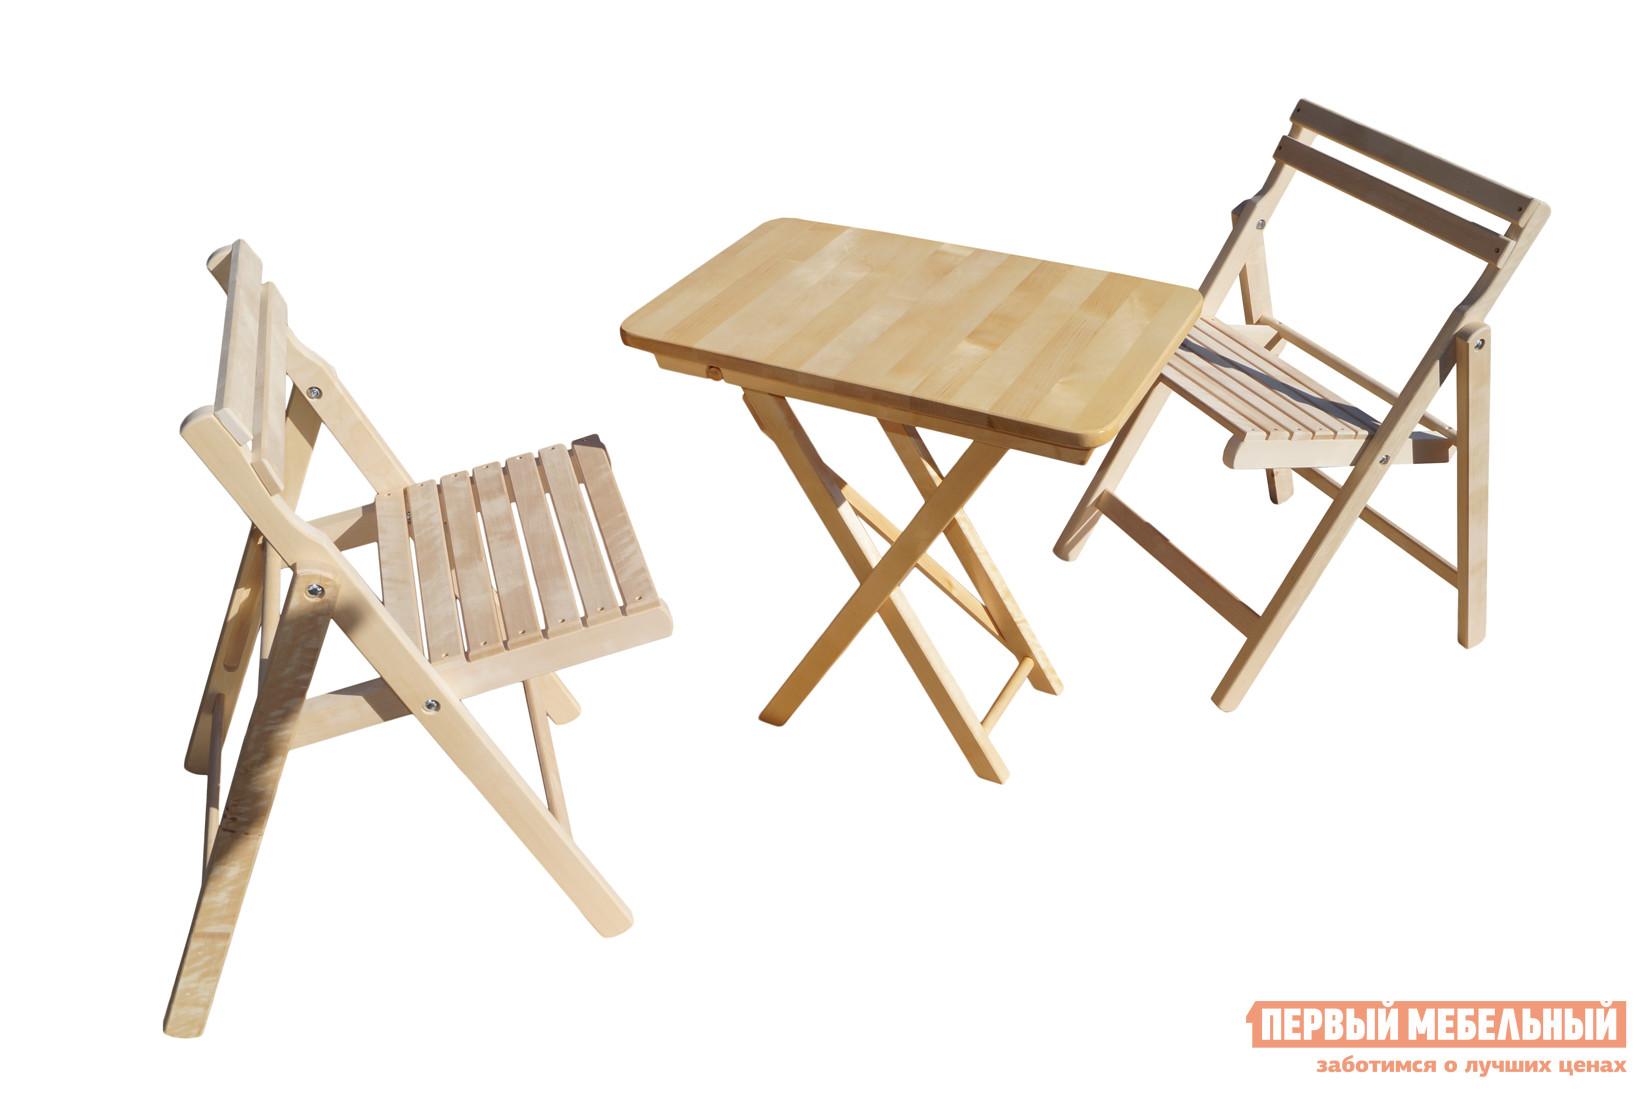 Комплект садовой мебели СМКА СМ011Б + СМ046Б БерезаКомплекты садовой мебели<br>Габаритные размеры ВхШхГ xx мм. Что может быть лучше отдыха на свежем воздухе? Конечно же комфортный отдых.  Комплект садовой мебели «Ударник-2» — лучшее решение для летних бесед тет-а-тет в саду.  Благодаря тому, что все элементы набора складываются и имеют очень скромные размеры, комплект удобно хранить в зимнее время или возить с собой в путешествия на автомобиле. В разложенном виде стол имеет размеры (ВхШхГ): 750 х 600 х 450 мм, что предоставляет место не только для чаепития, но и для приема пищи в обеденное время. Все элементы изготовлены из красивого, светлого дерева — березы.  Стол обработан специальным лаком, который предохраняет поверхность дерева от повреждений, а стулья можно самостоятельно покрыть любым цветом или лаком.<br><br>Цвет: Светлое дерево<br>Кол-во упаковок: 3<br>Форма поставки: В собранном виде<br>Срок гарантии: 1 год<br>Тип: С обеденным столом<br>Тип: Со стульями<br>Материал: Массив дерева<br>Порода дерева: Береза<br>Вместимость: На 2 персоны